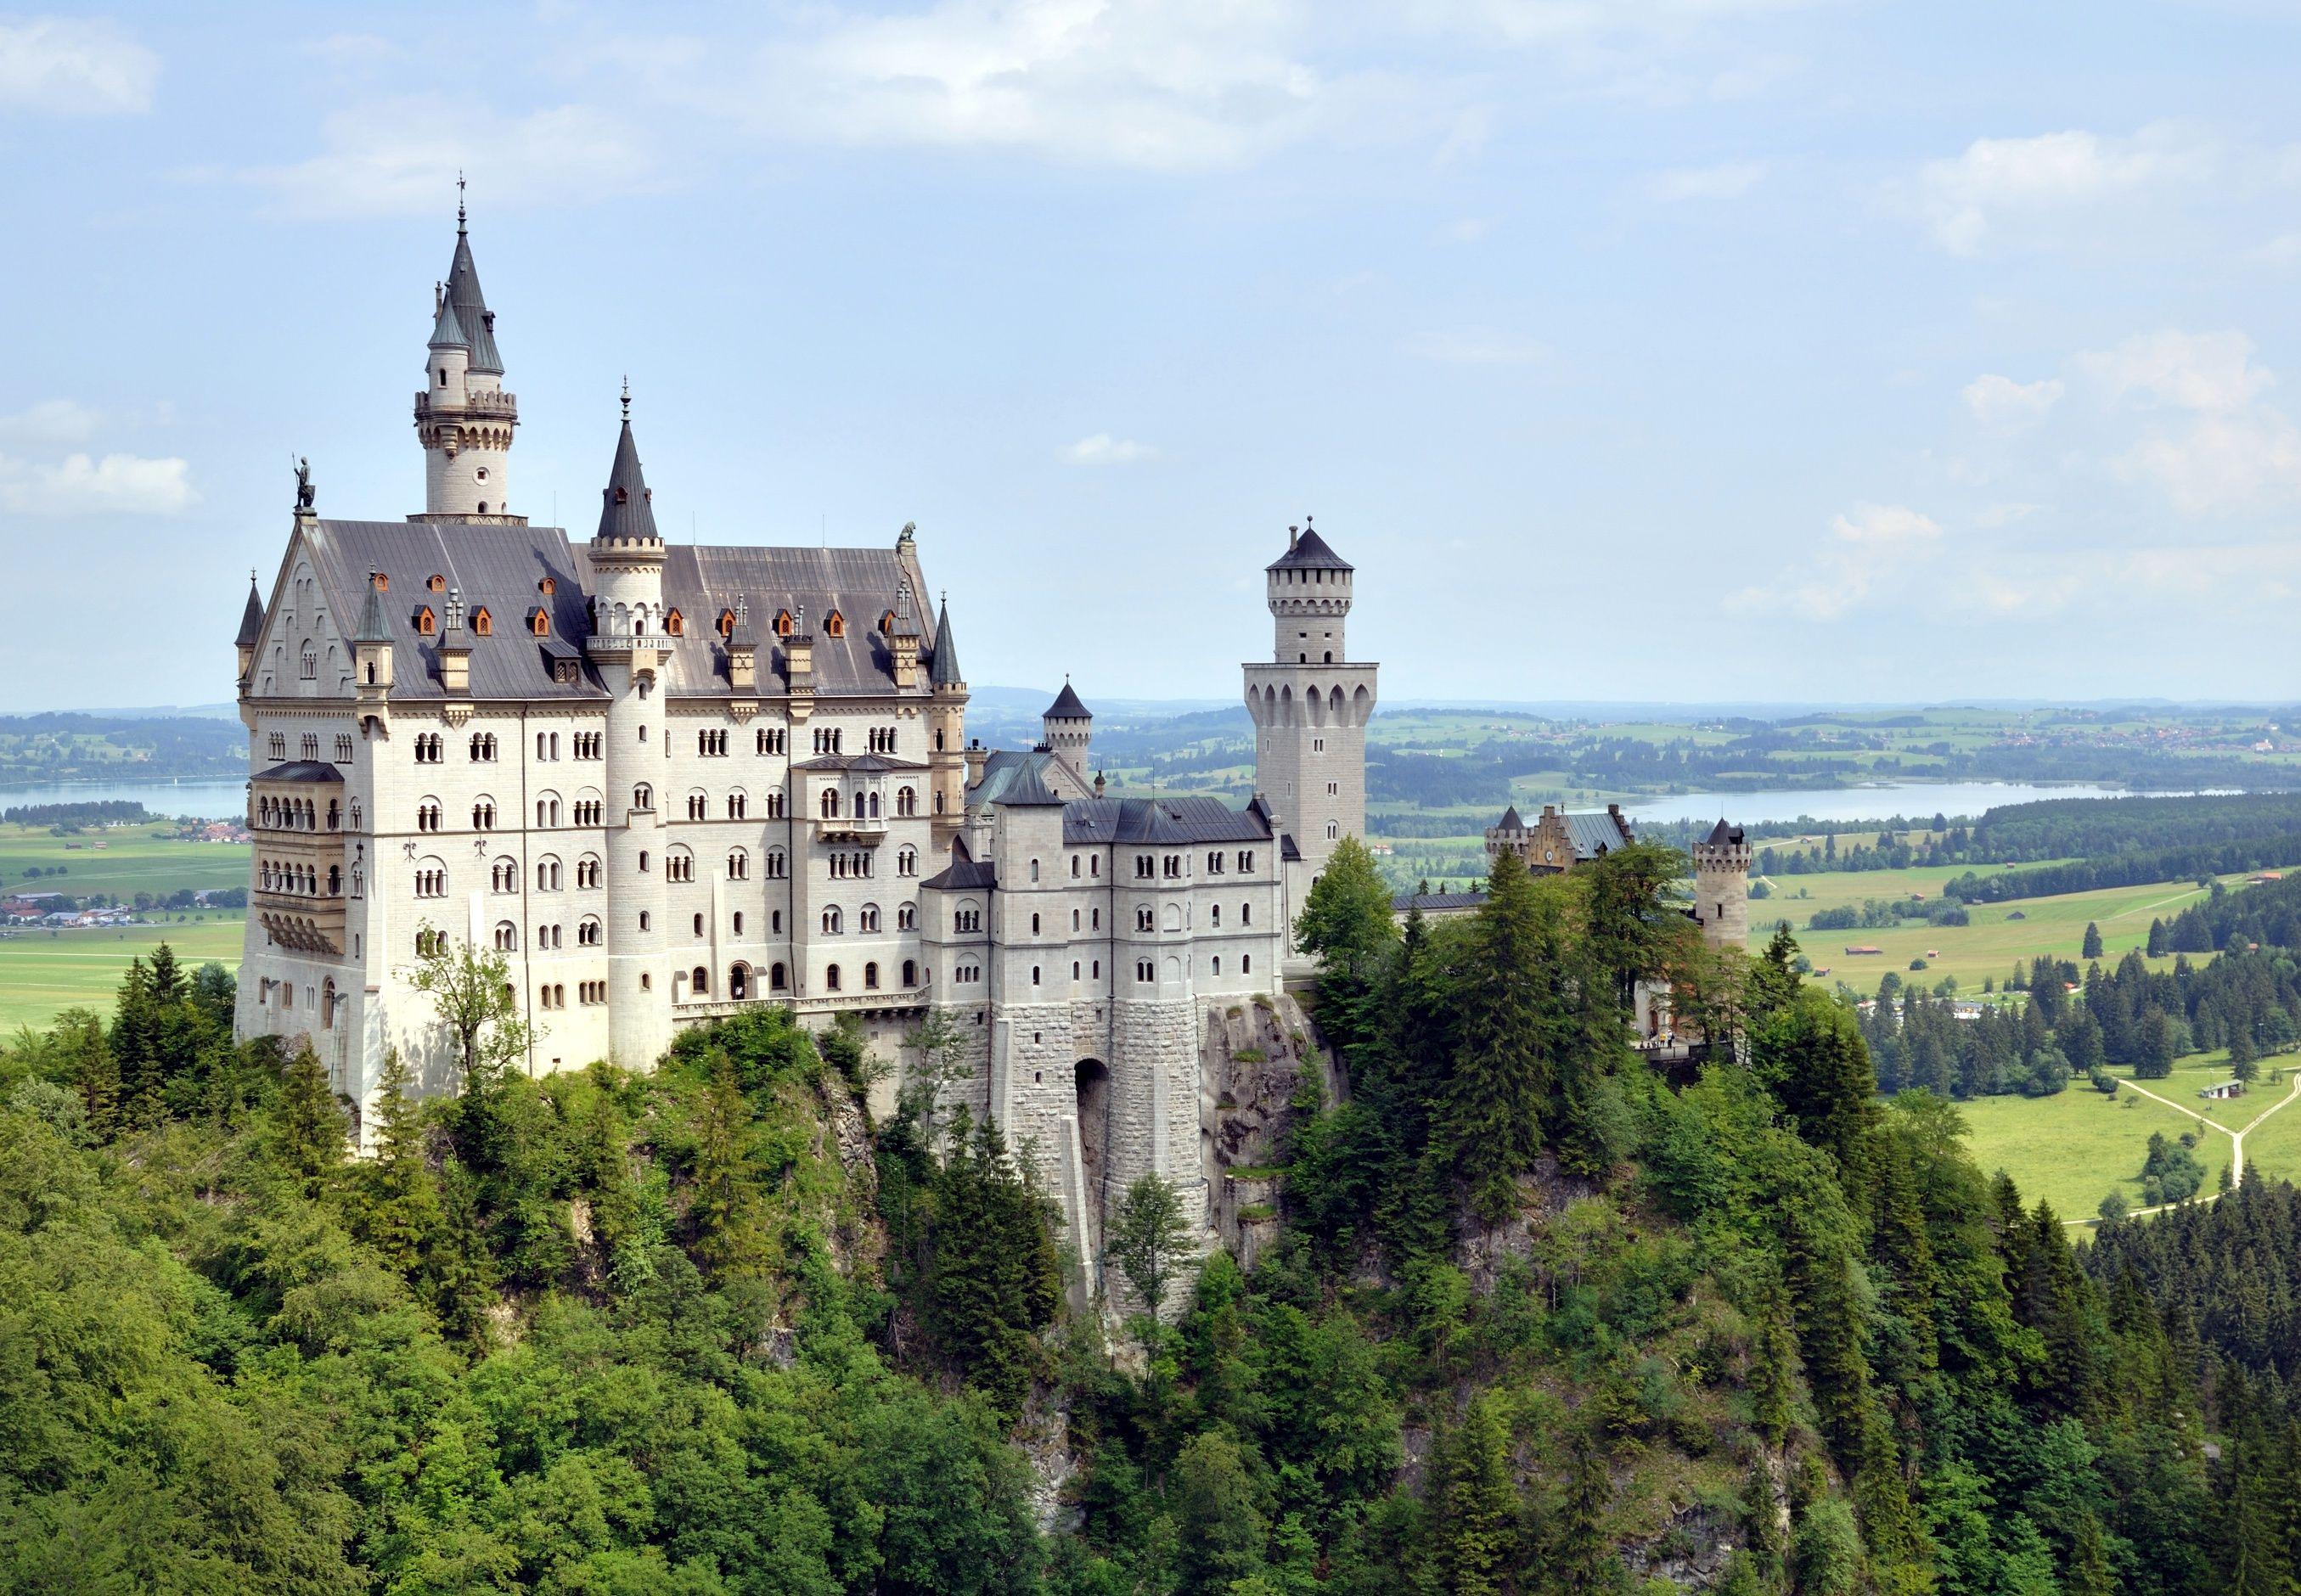 Sleeping Beauty Castle Neuschwanstein Castle Germany Castles Castle Bavaria